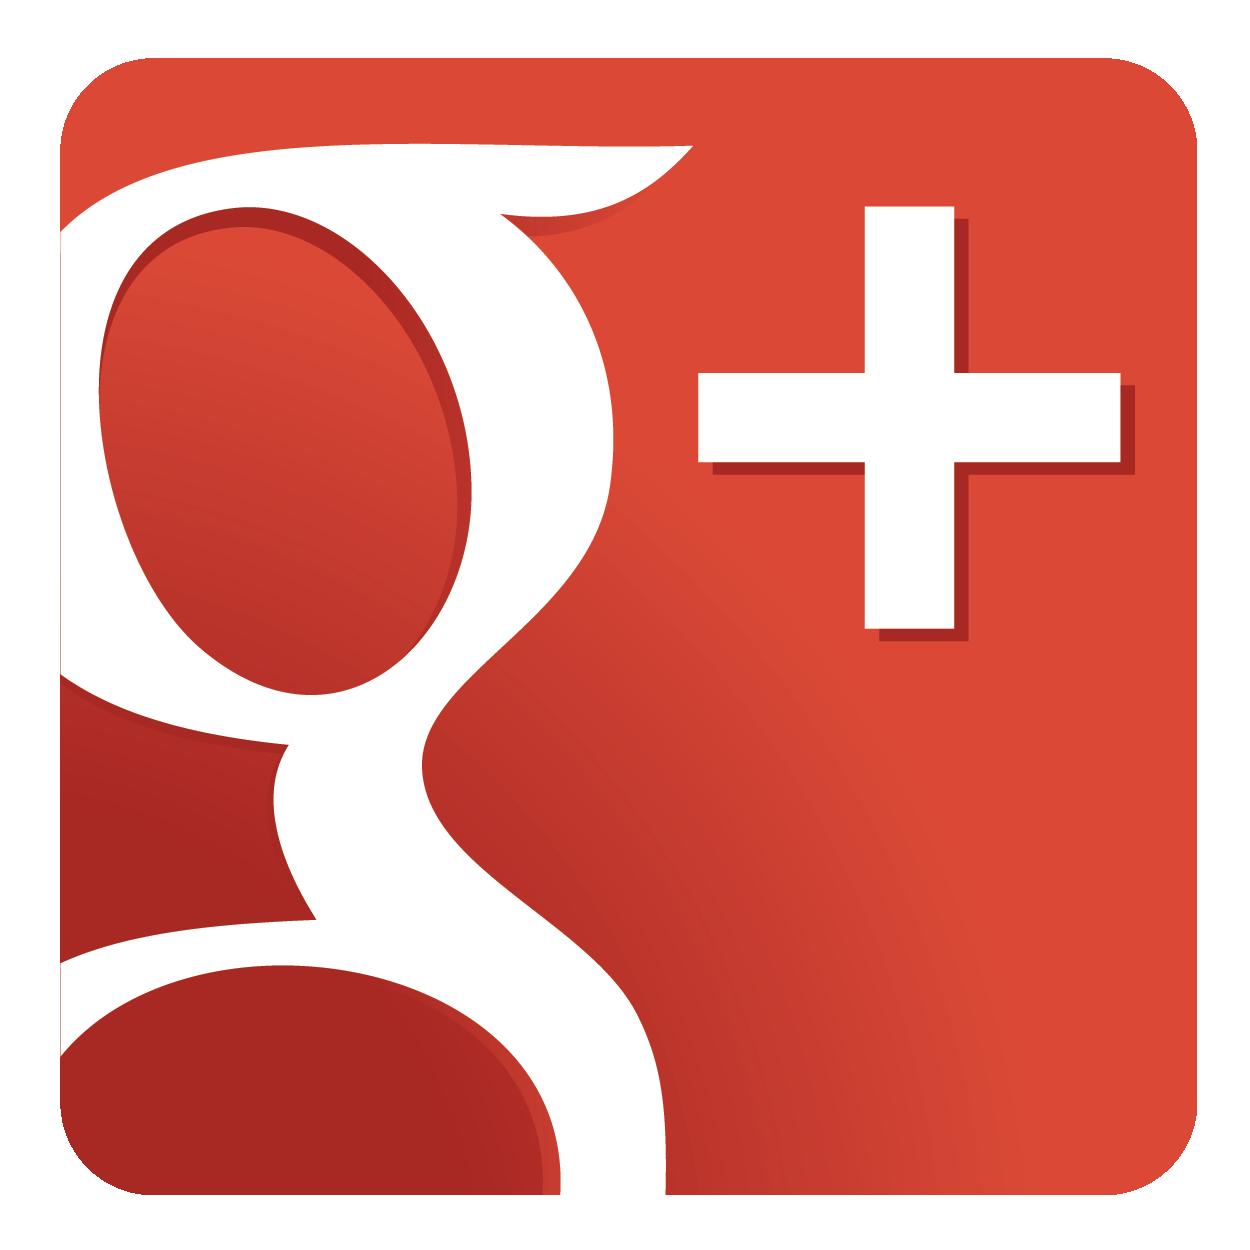 Google+ goes live